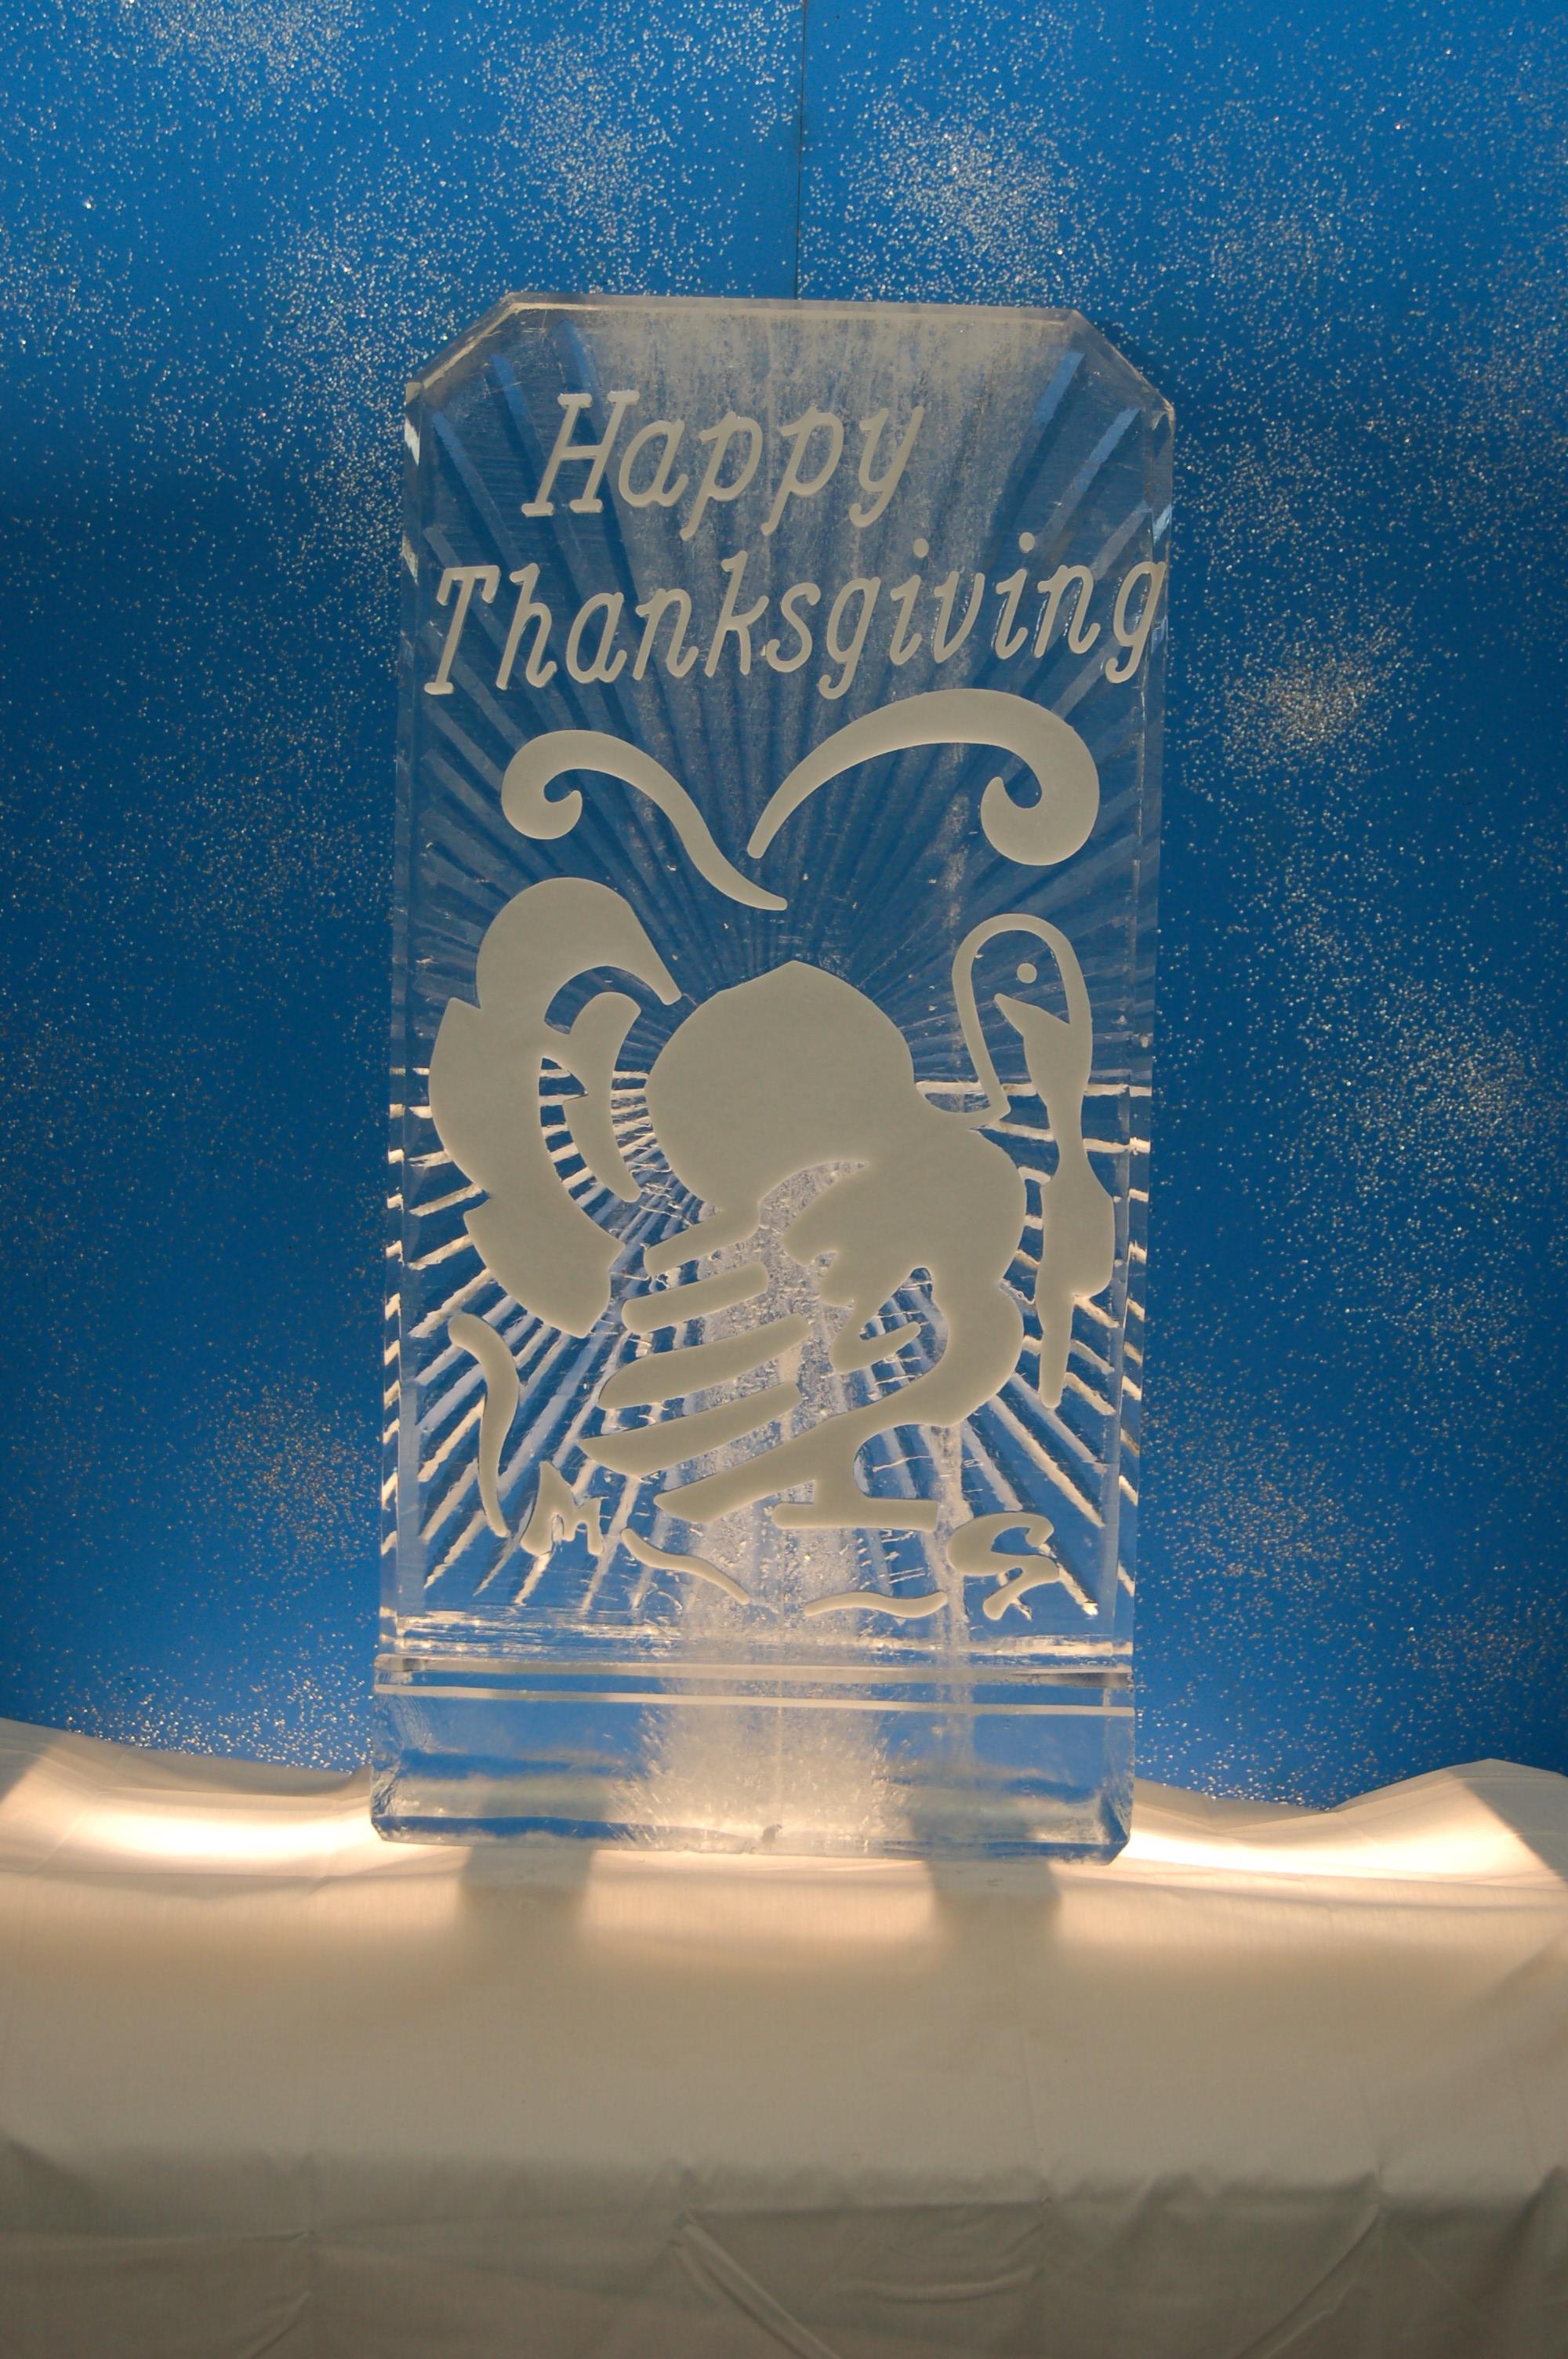 Thanksgiving Turkey in Snowfill